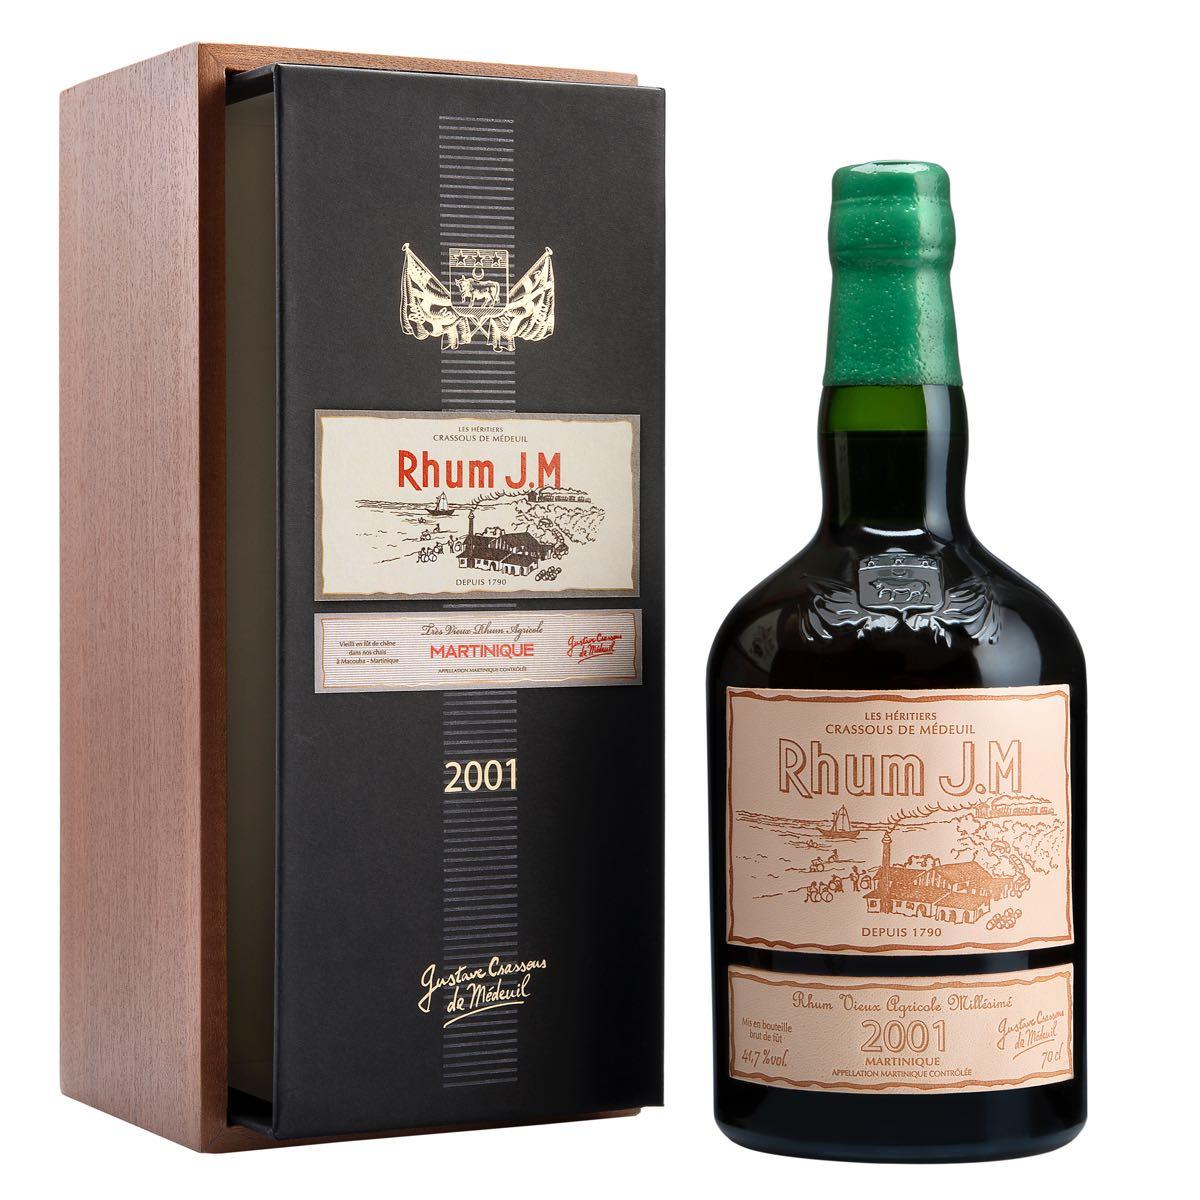 Bottle image of 2001